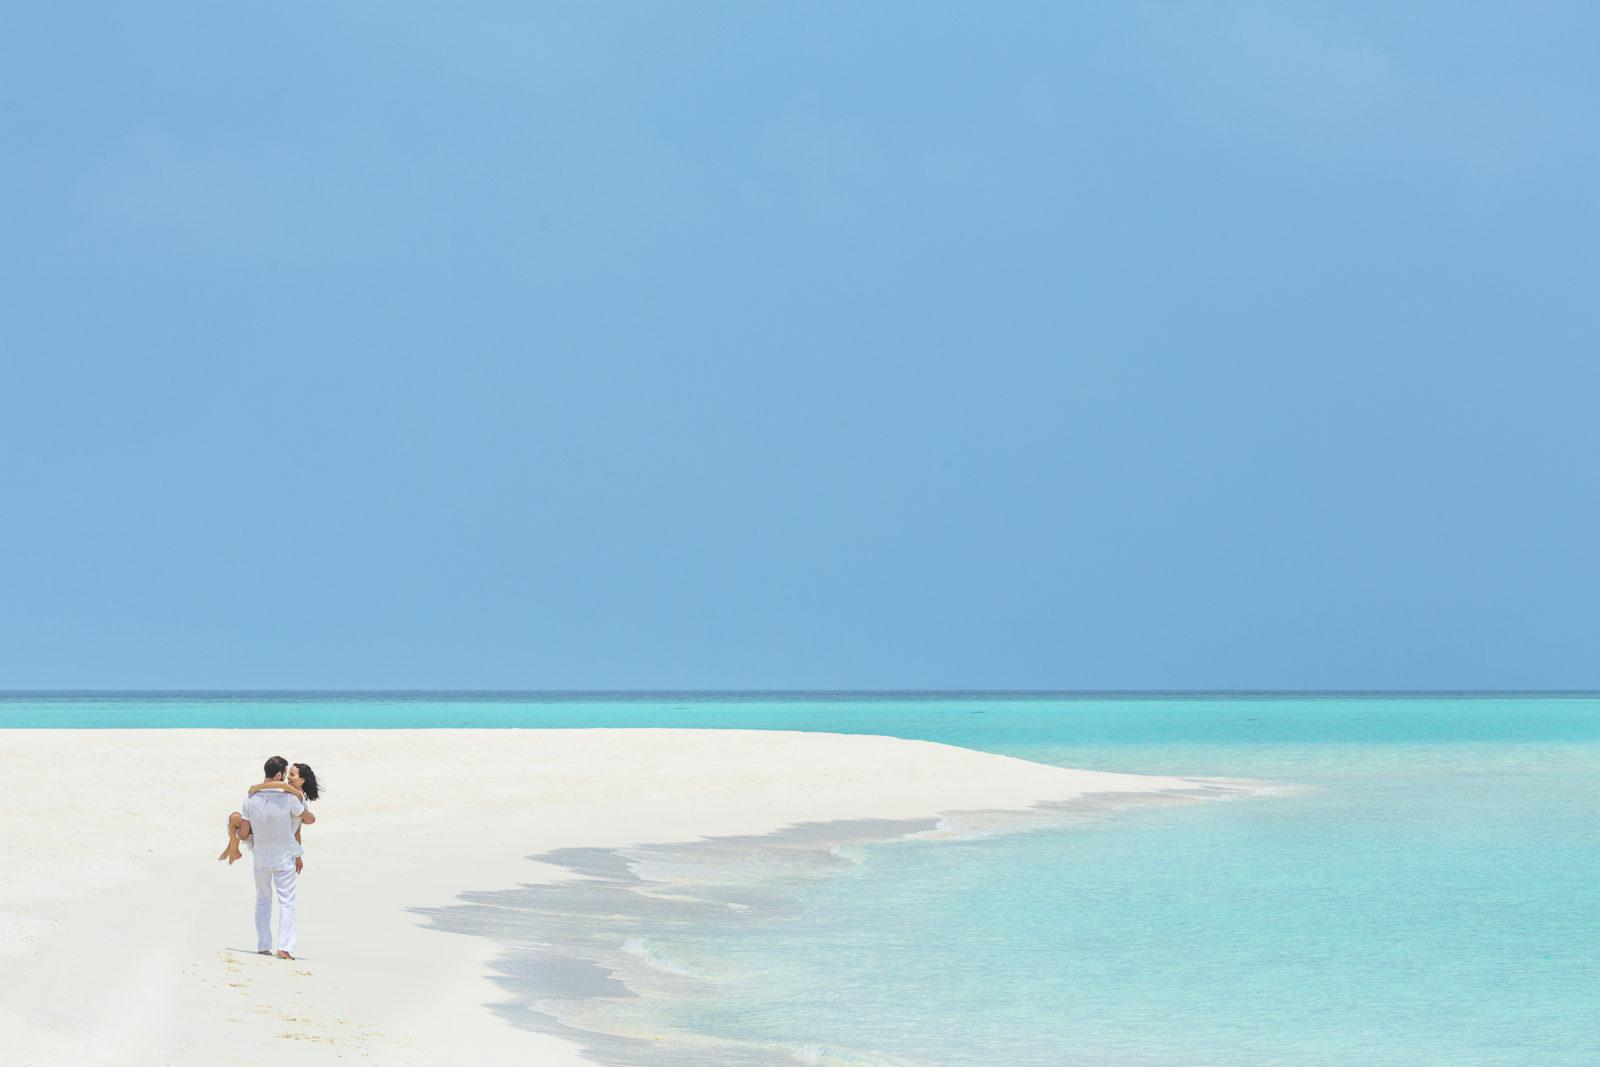 フラワリ・アイランド 白いラグーンと青い海に囲まれてフォトシューティング